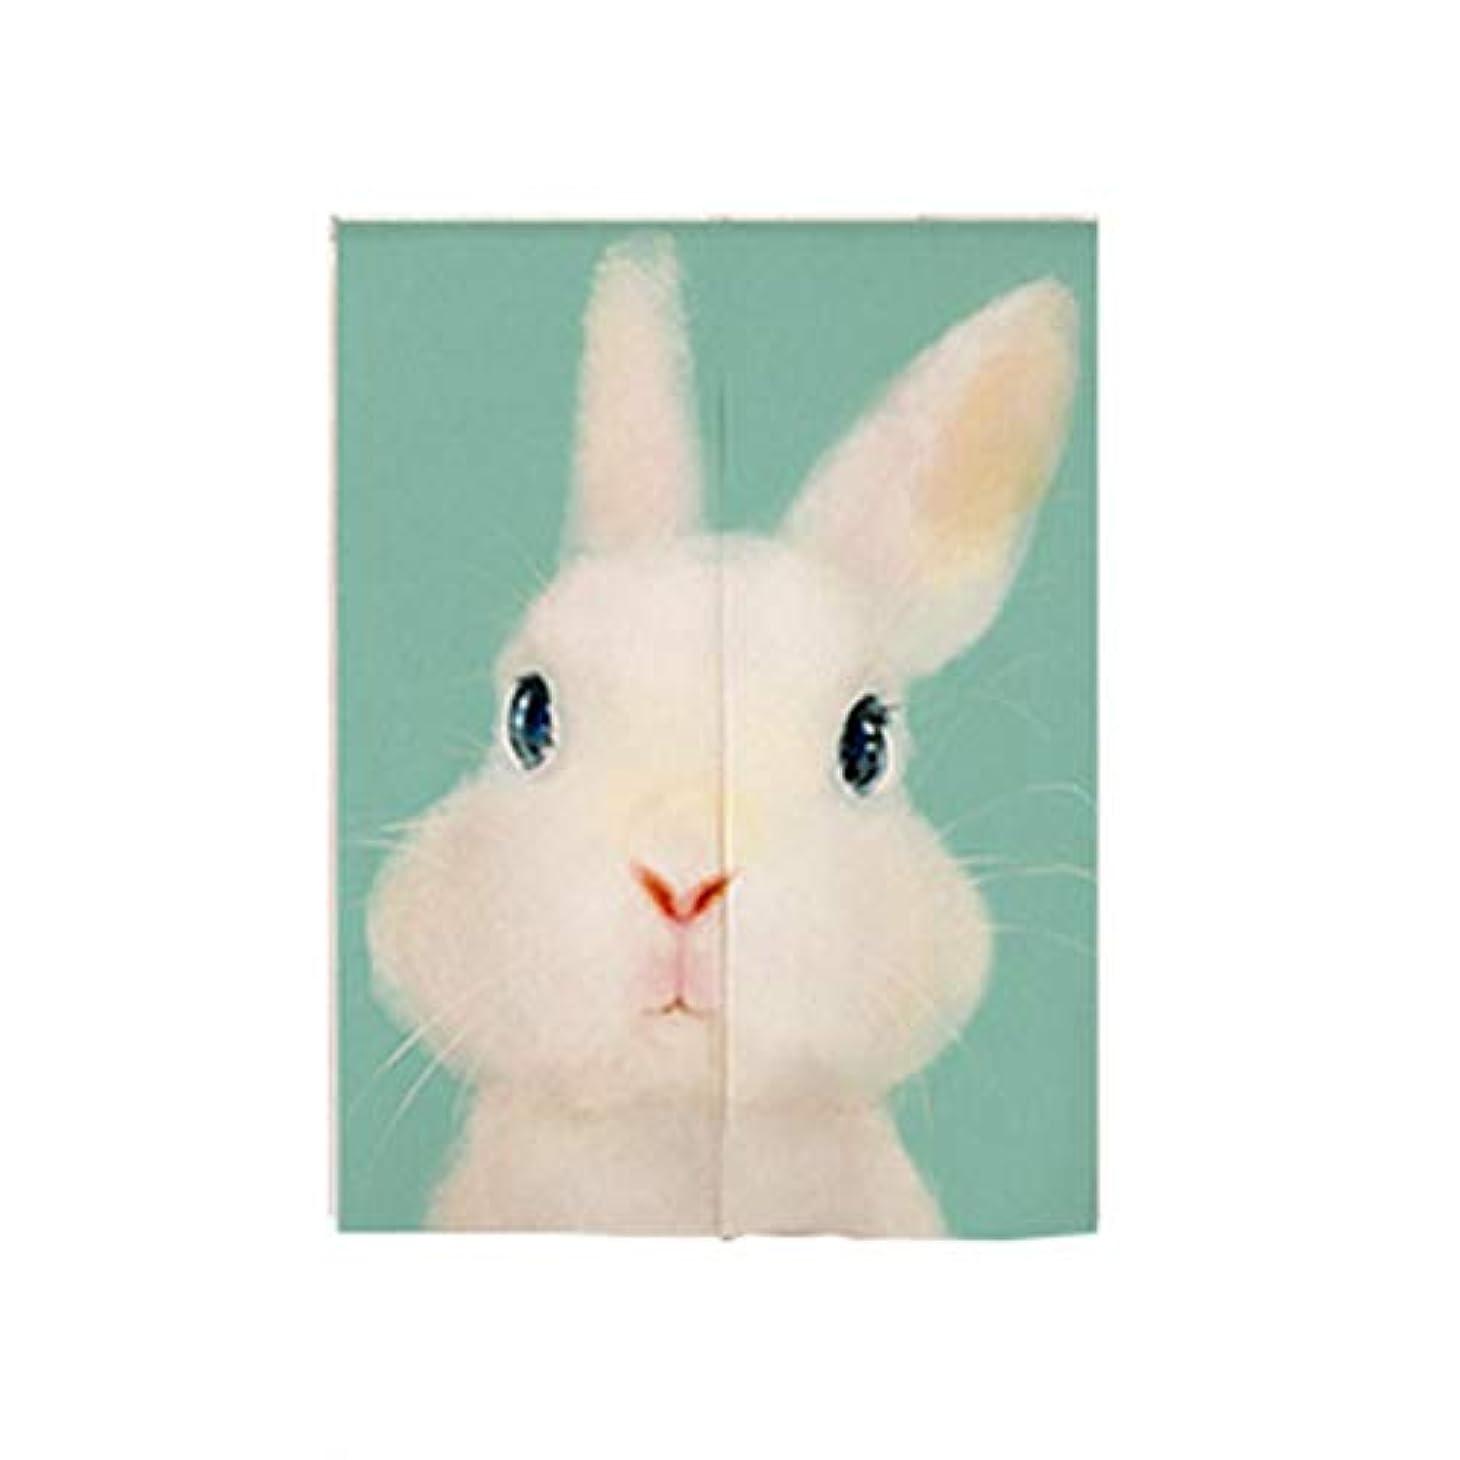 感動する健康的エロチックSaikogoods かわいいかわいい漫画の動物のプリントの子供のベッドルームリビングルームコットンカーテンハーフオープンカーテンドアカーテン マルチカラーミックス